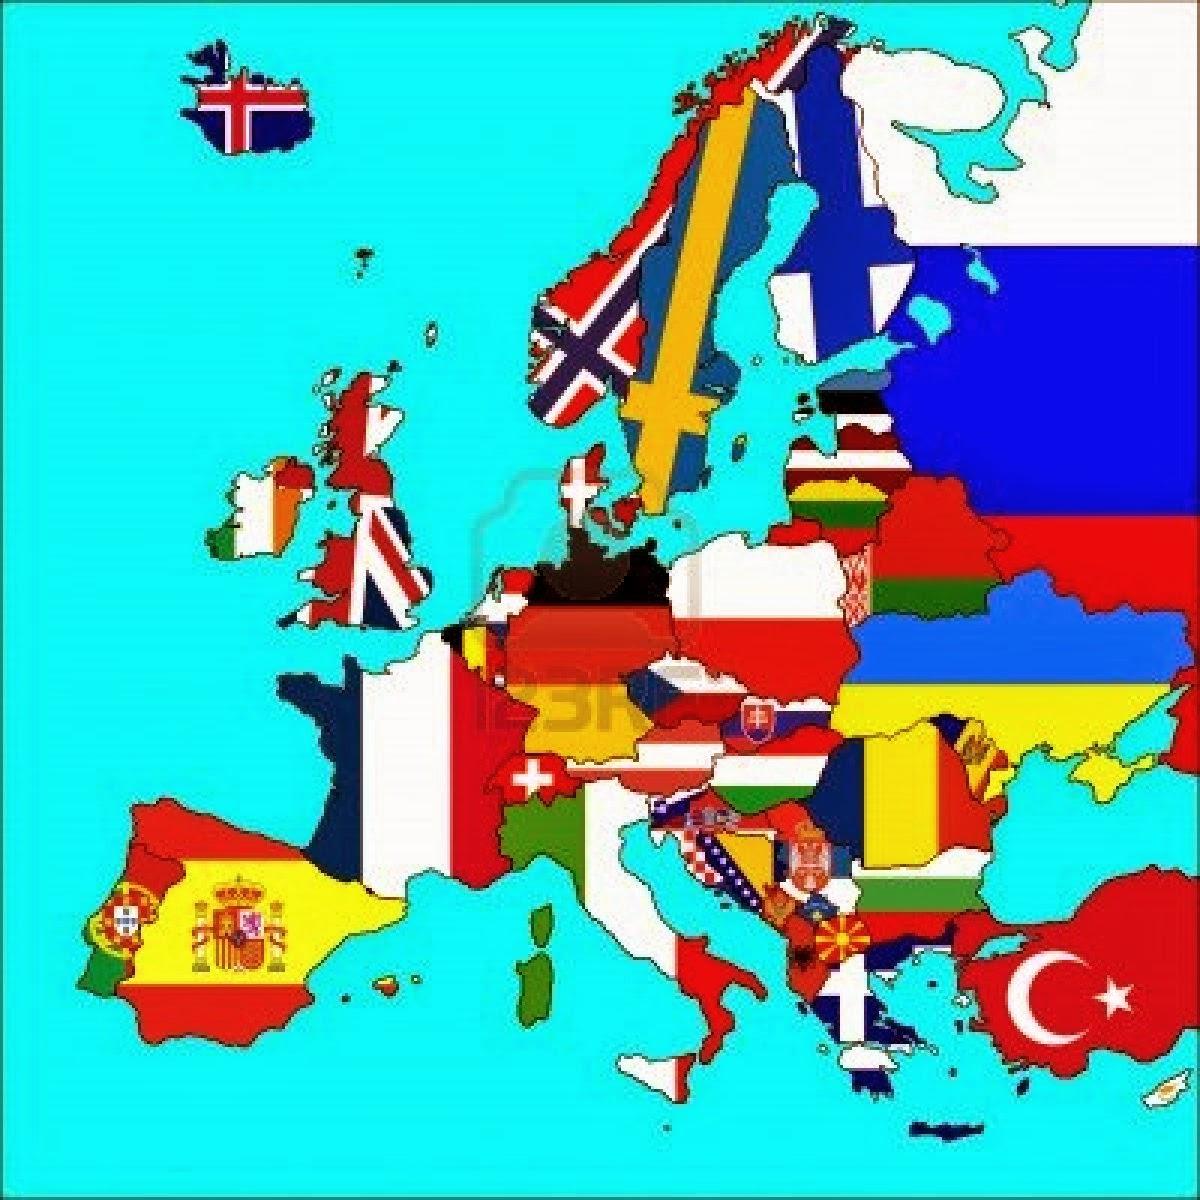 Entraînement En Ligne - Fle: Pays Et Adjectifs De tout Jeu Des Capitales